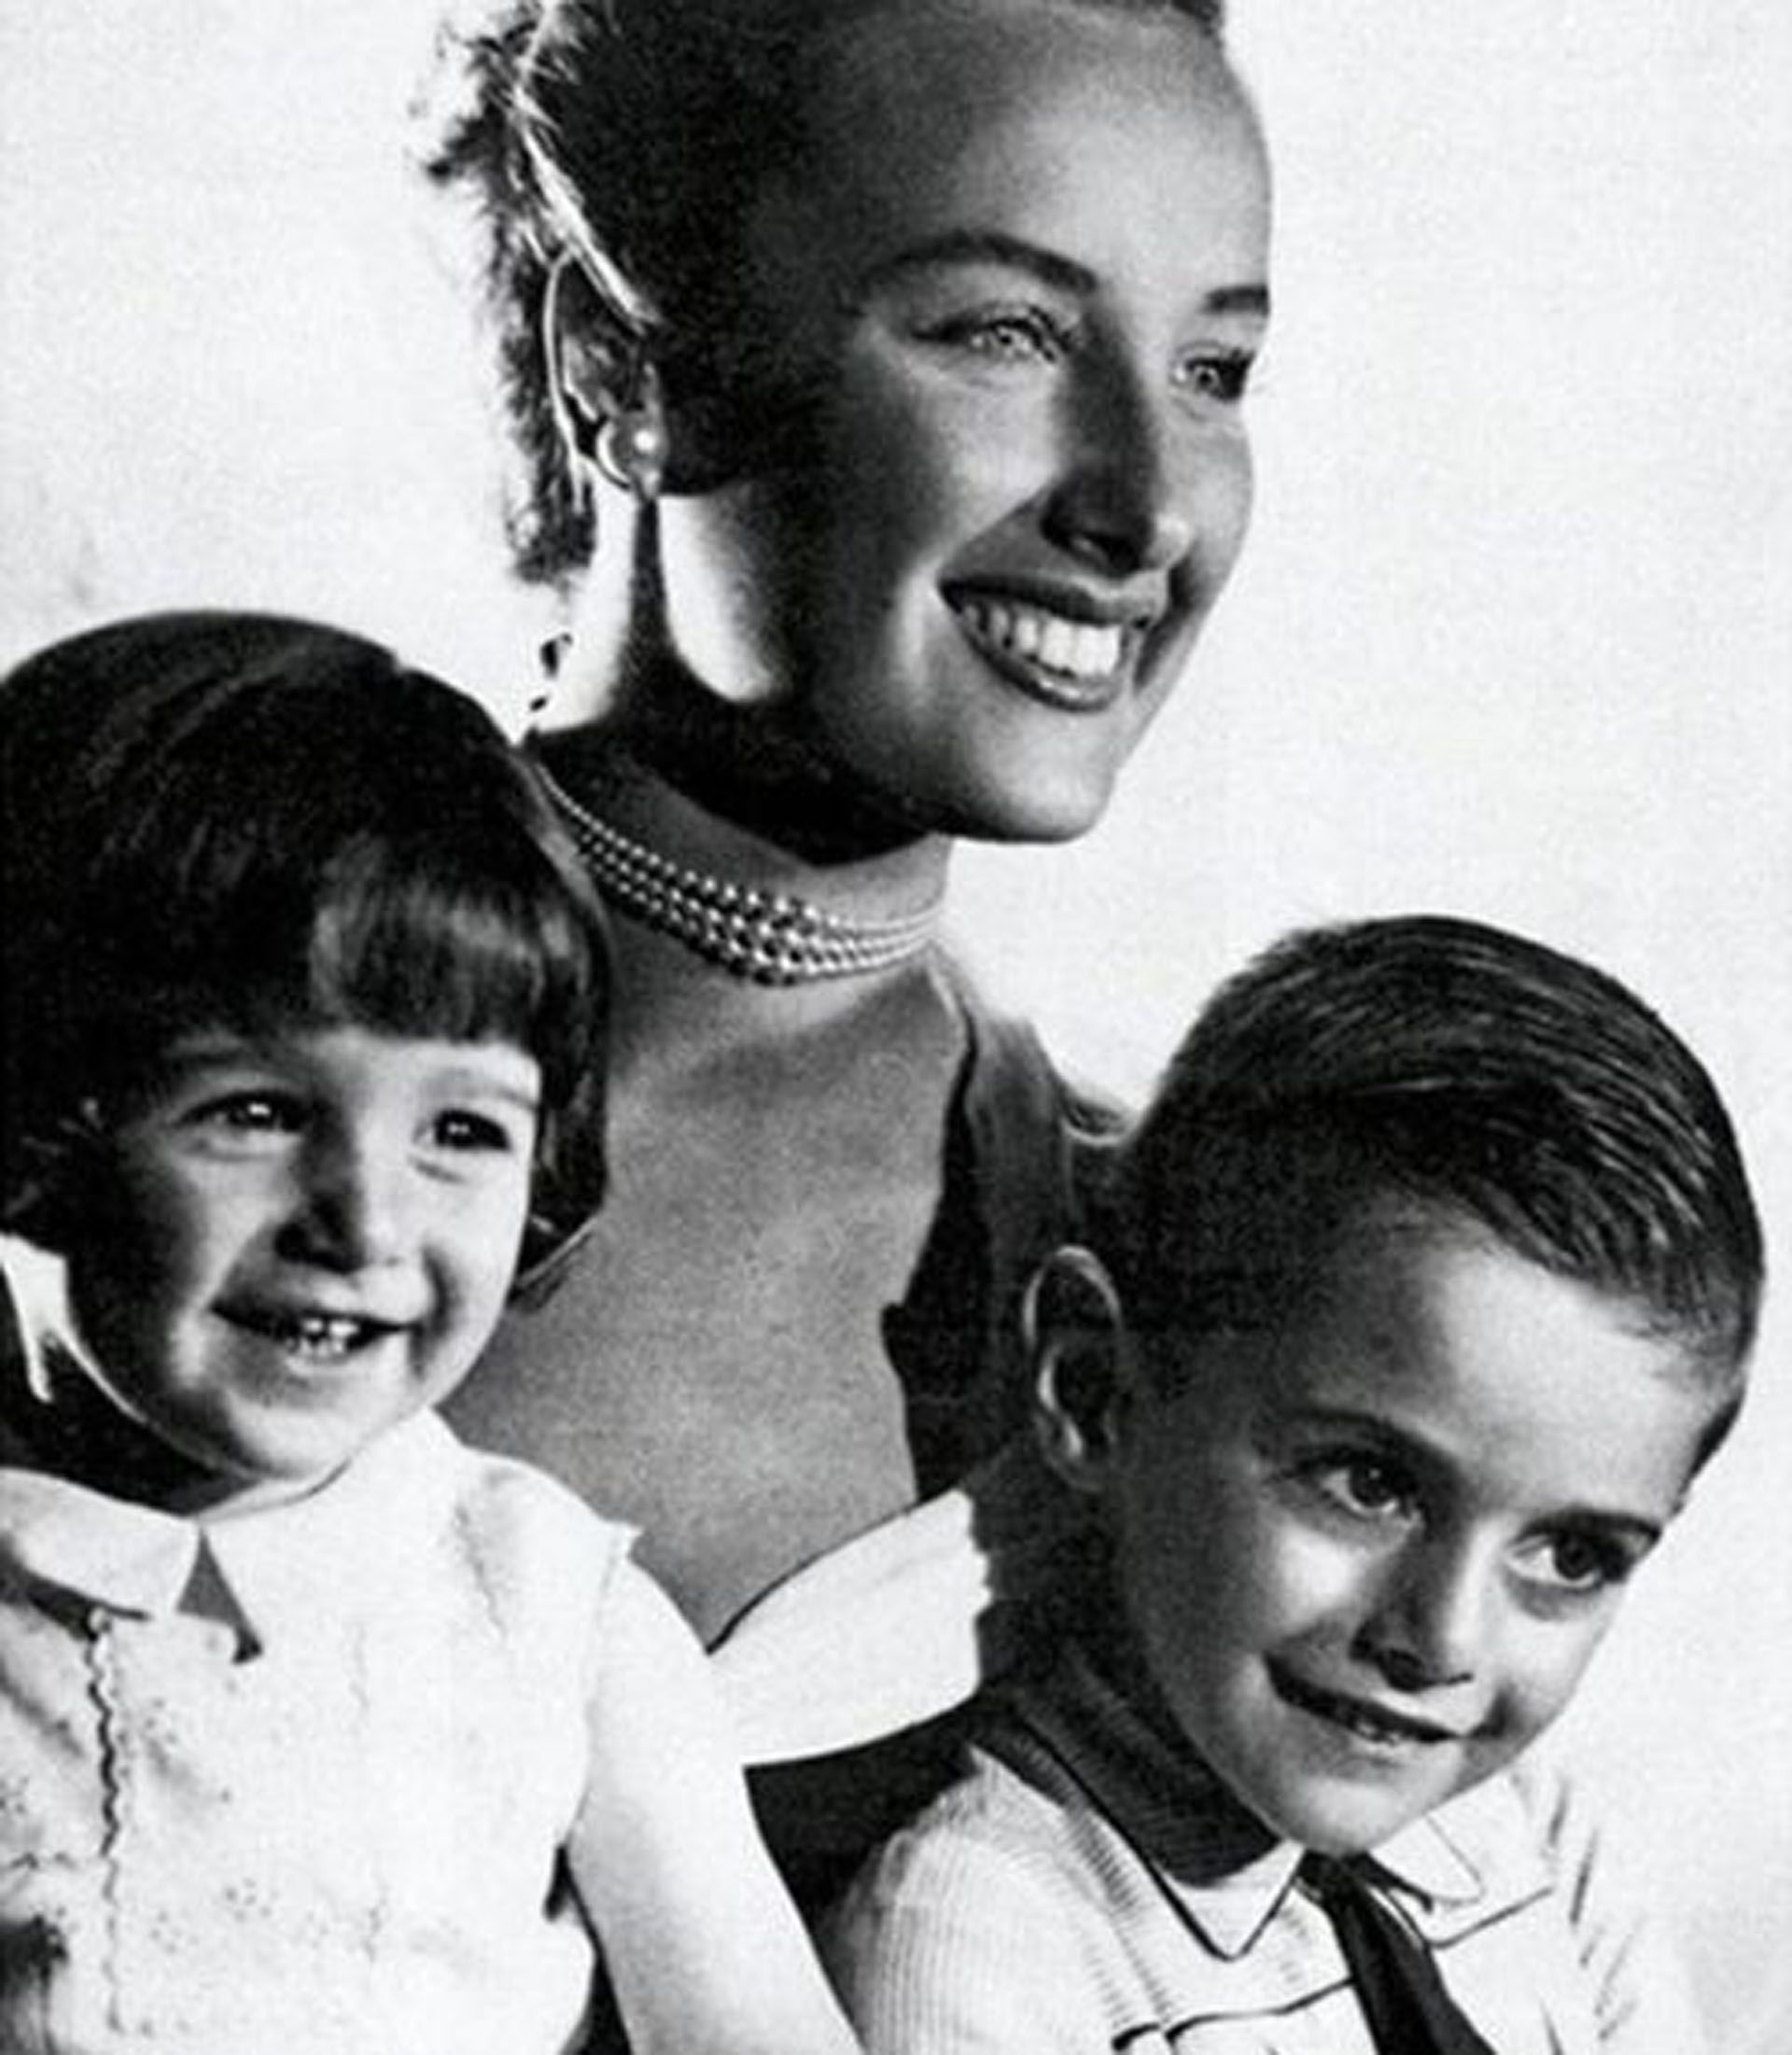 Mirtha Legrand publicó dos fotos suyas junto a sus hijos, a 21 años de la muerte de su primogénito (Foto: Instagram)